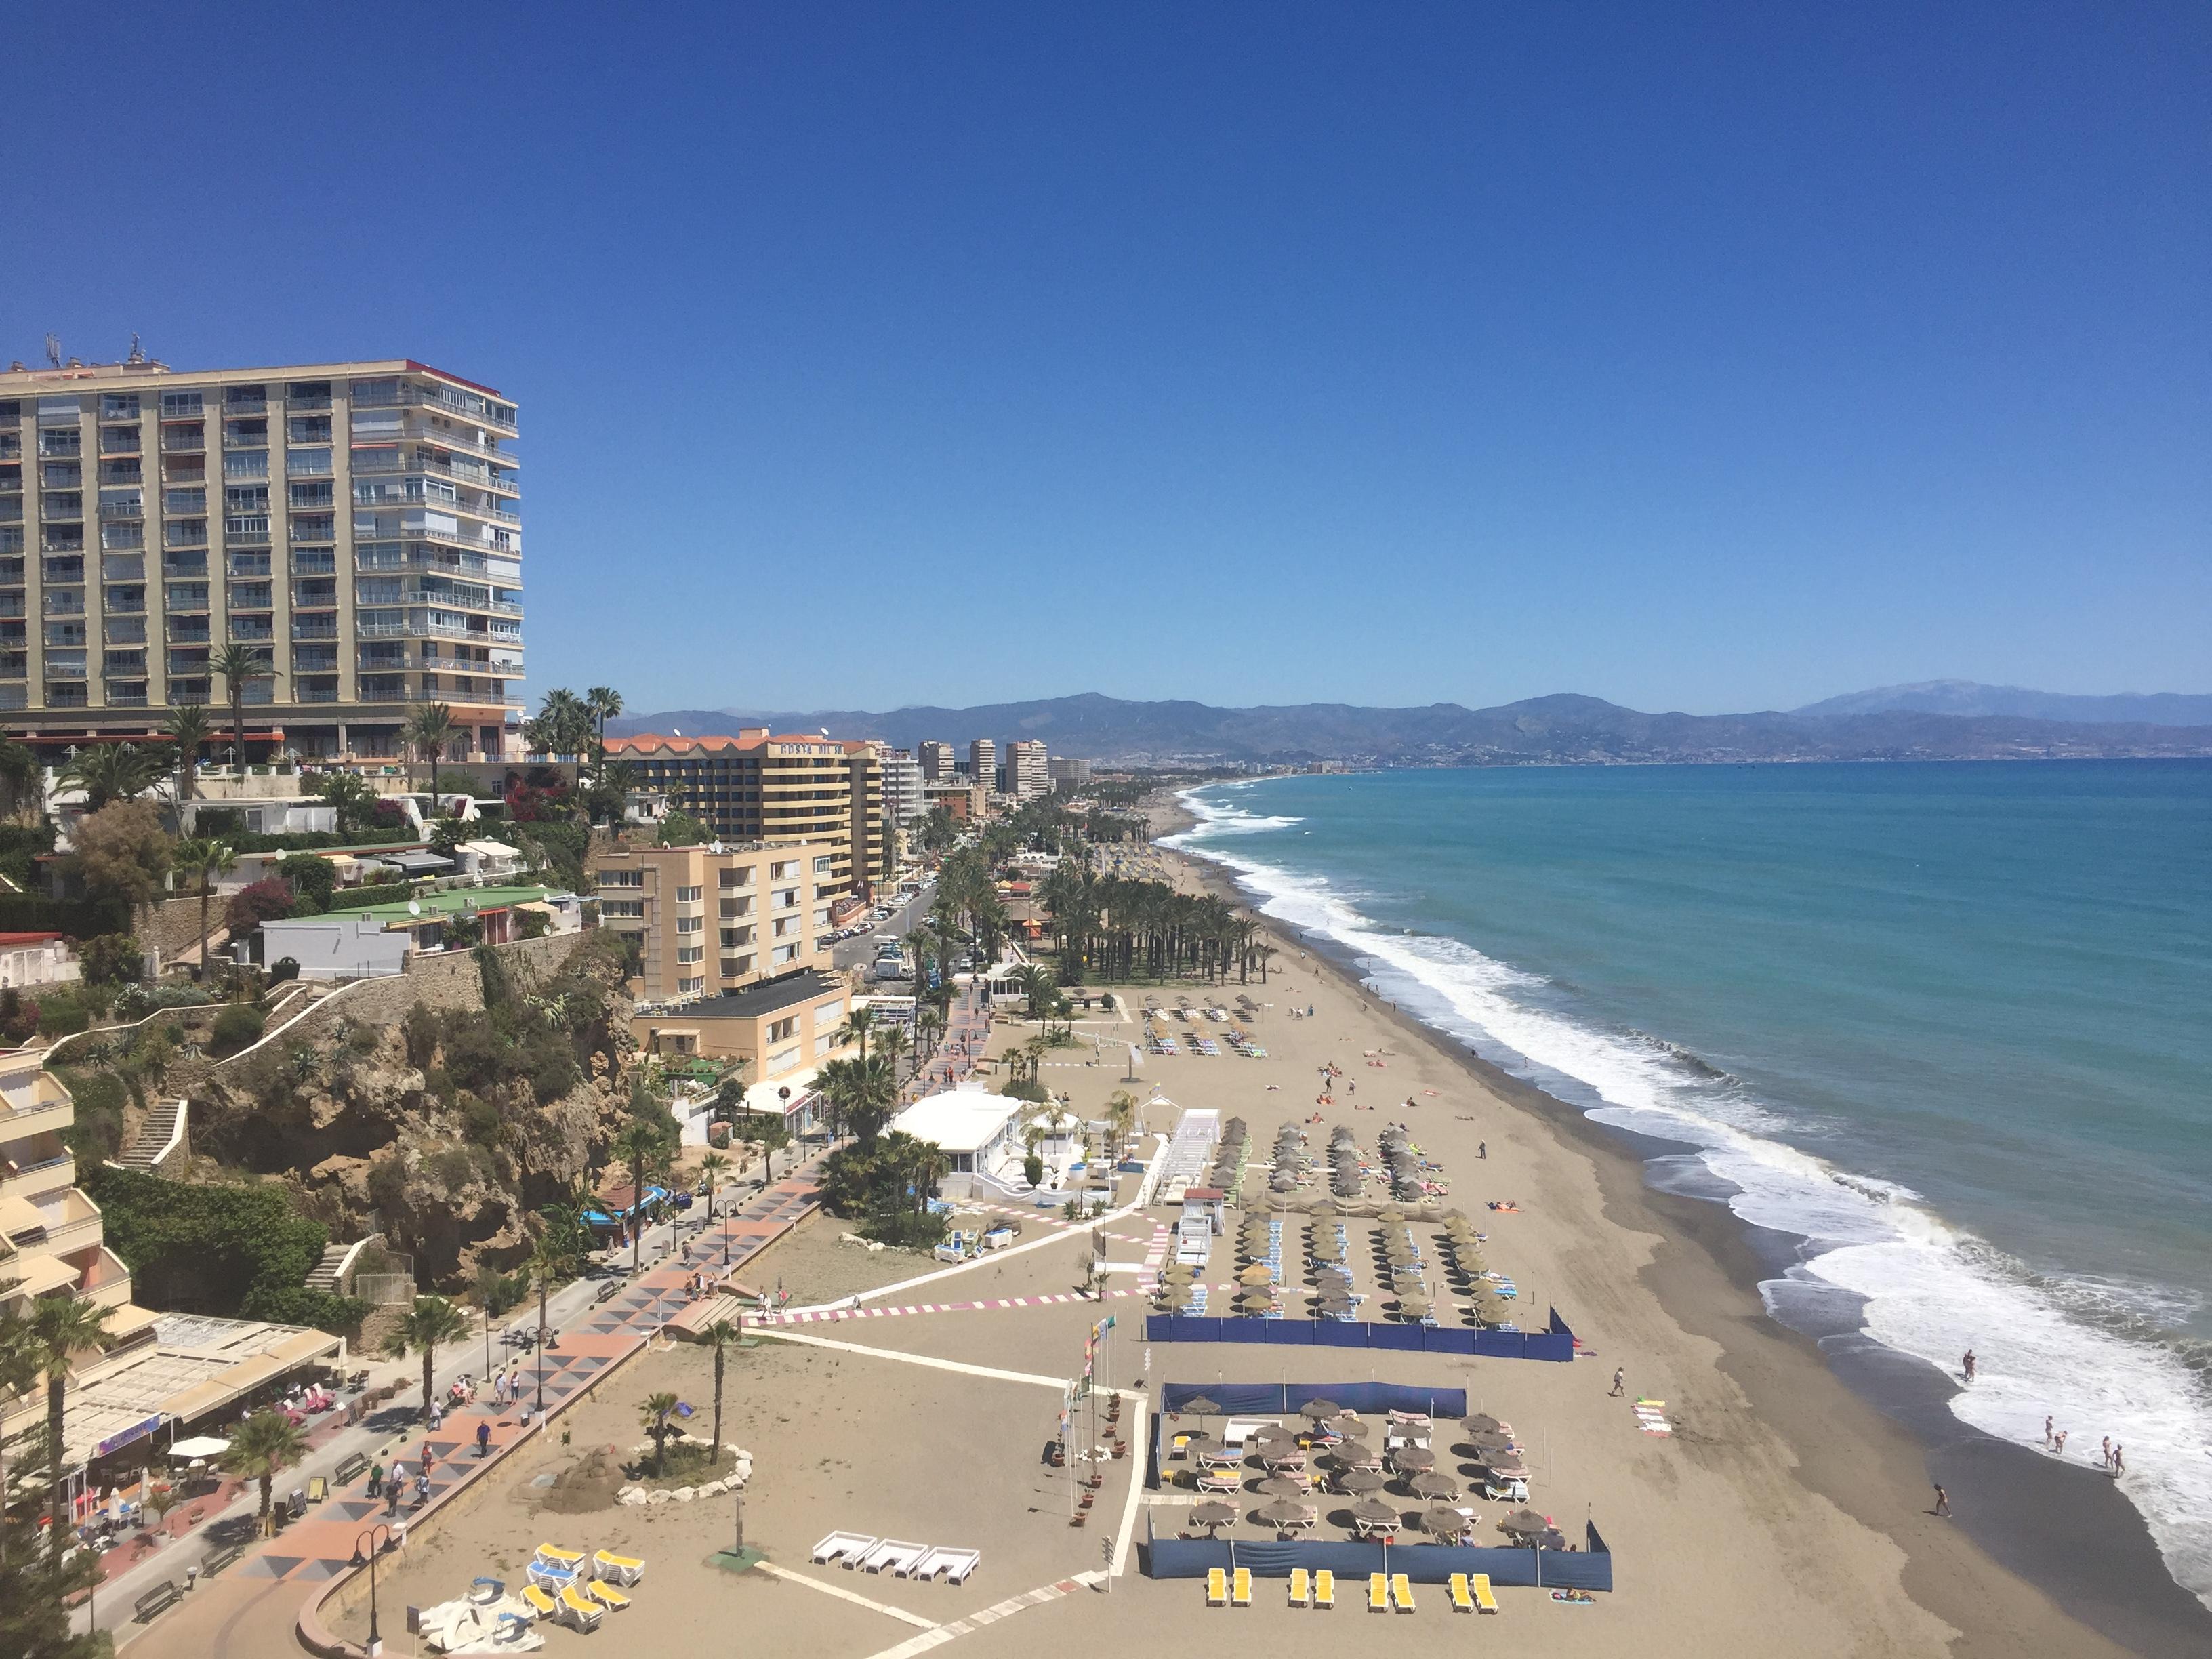 Beaches in Torremolinos